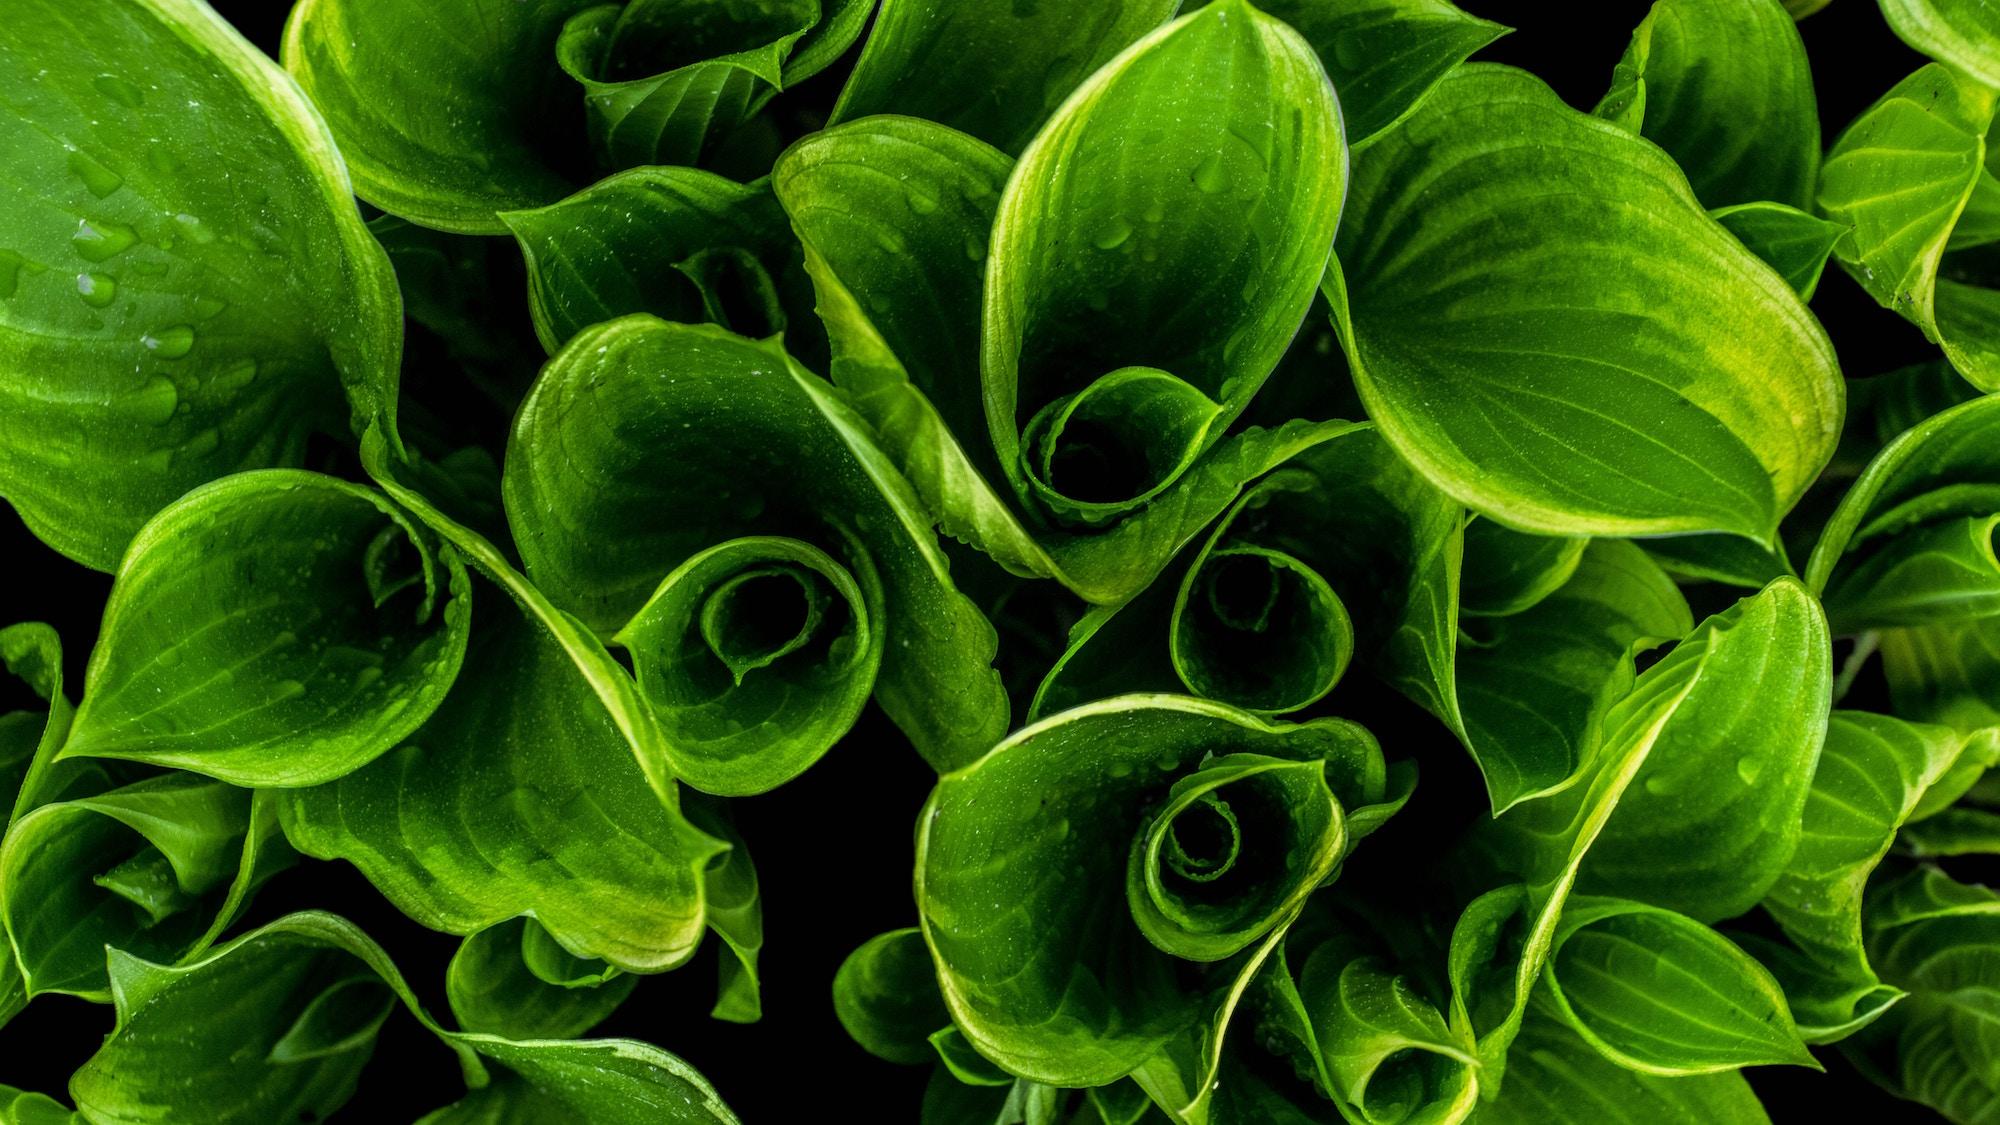 tops of green leaves.jpg